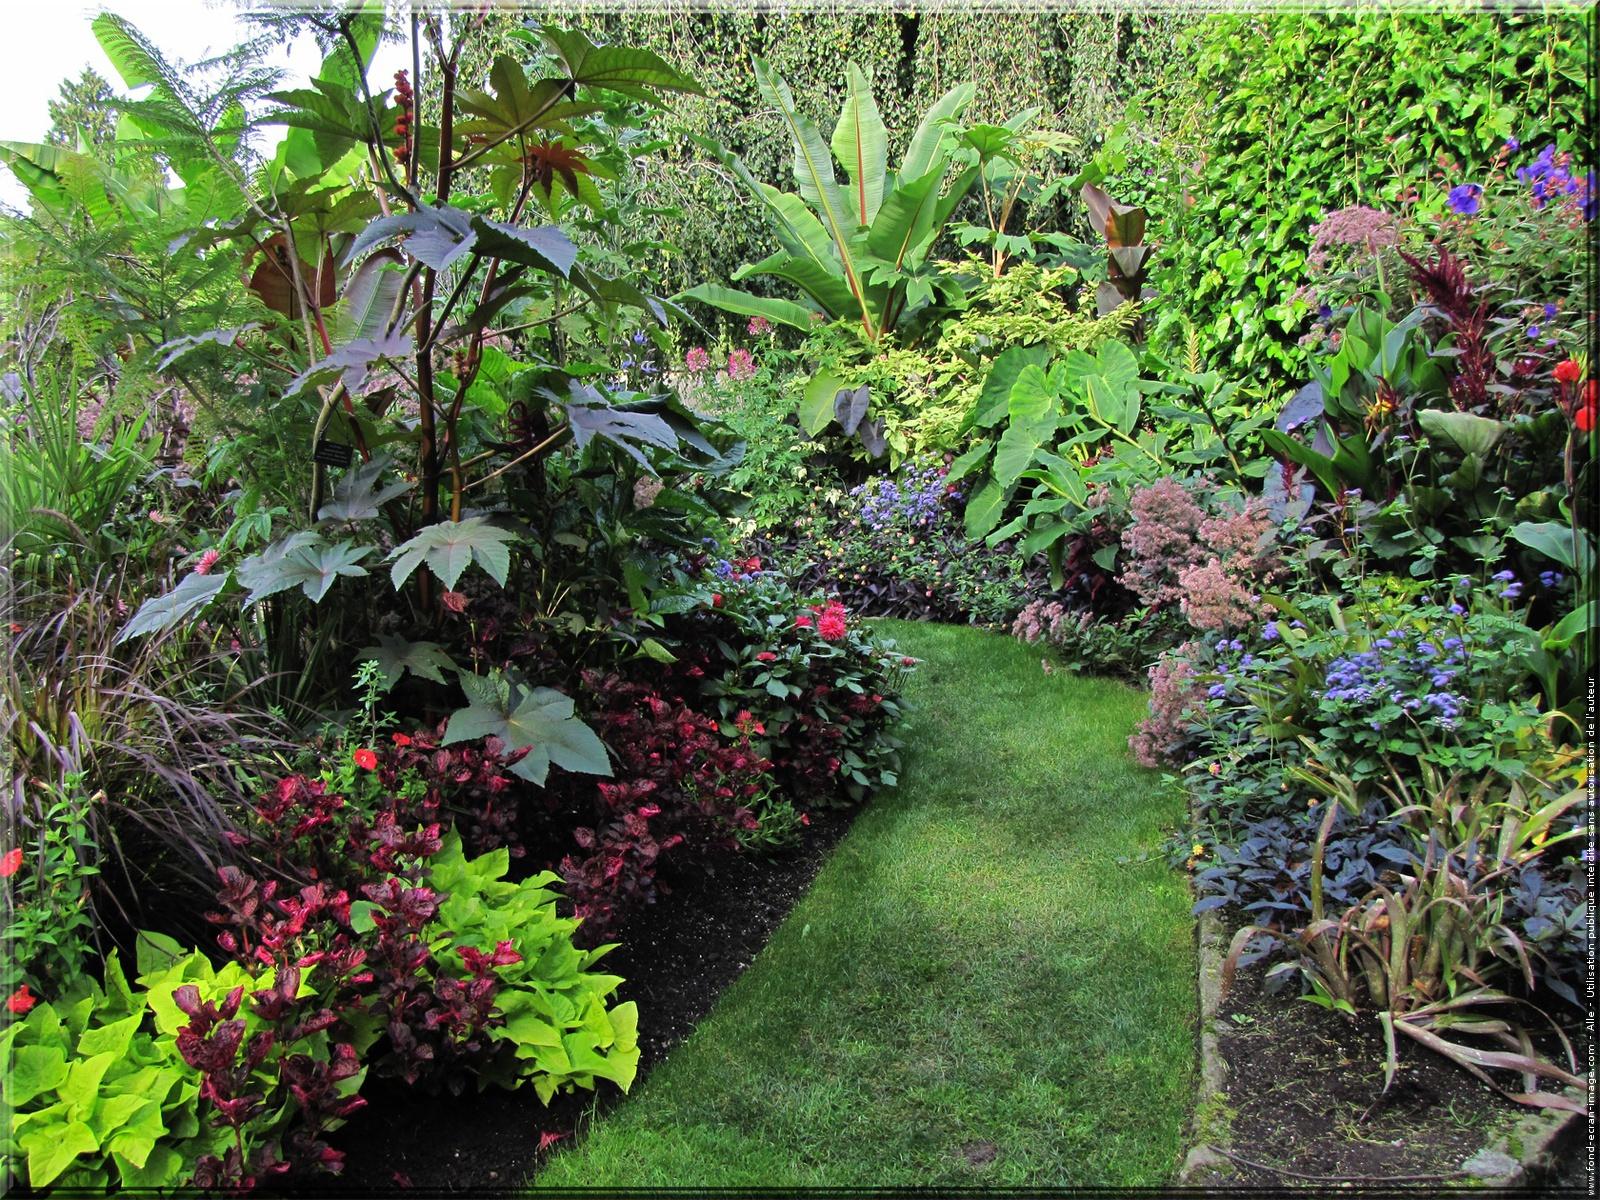 Aimez vous le jardin groupe kenza poly services for Haie jardin anglais